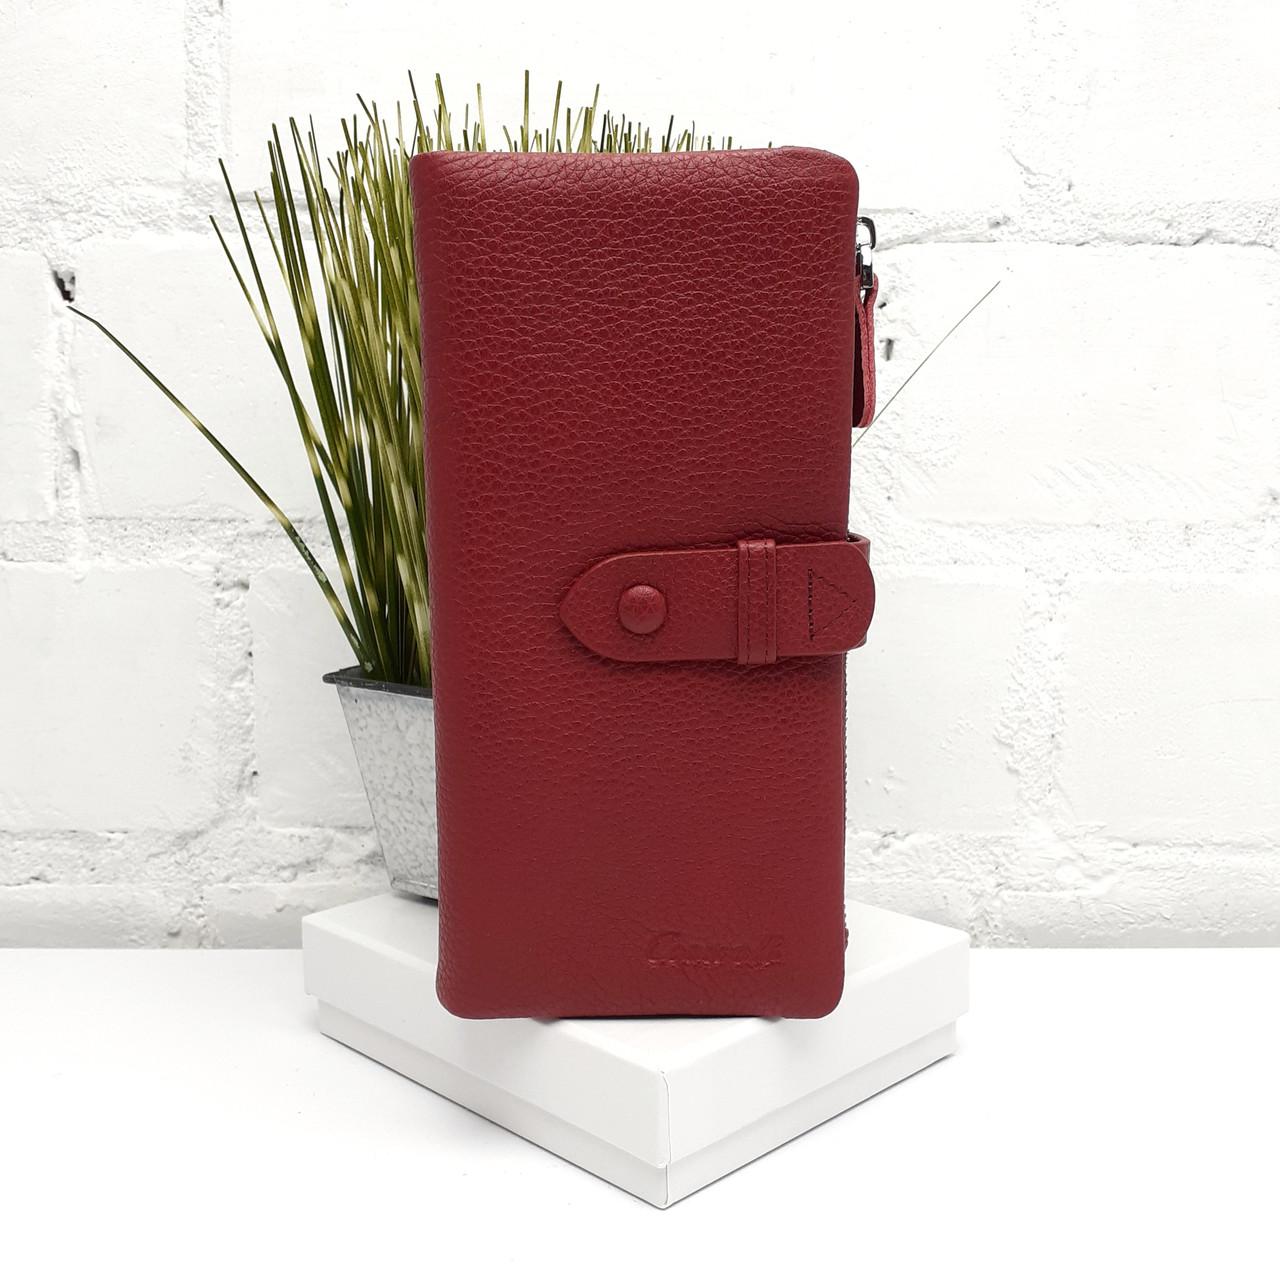 Місткий жіночий шкіряний гаманець бордовий Арт.A164E-1714-21 d.red Cossroll (Китай)